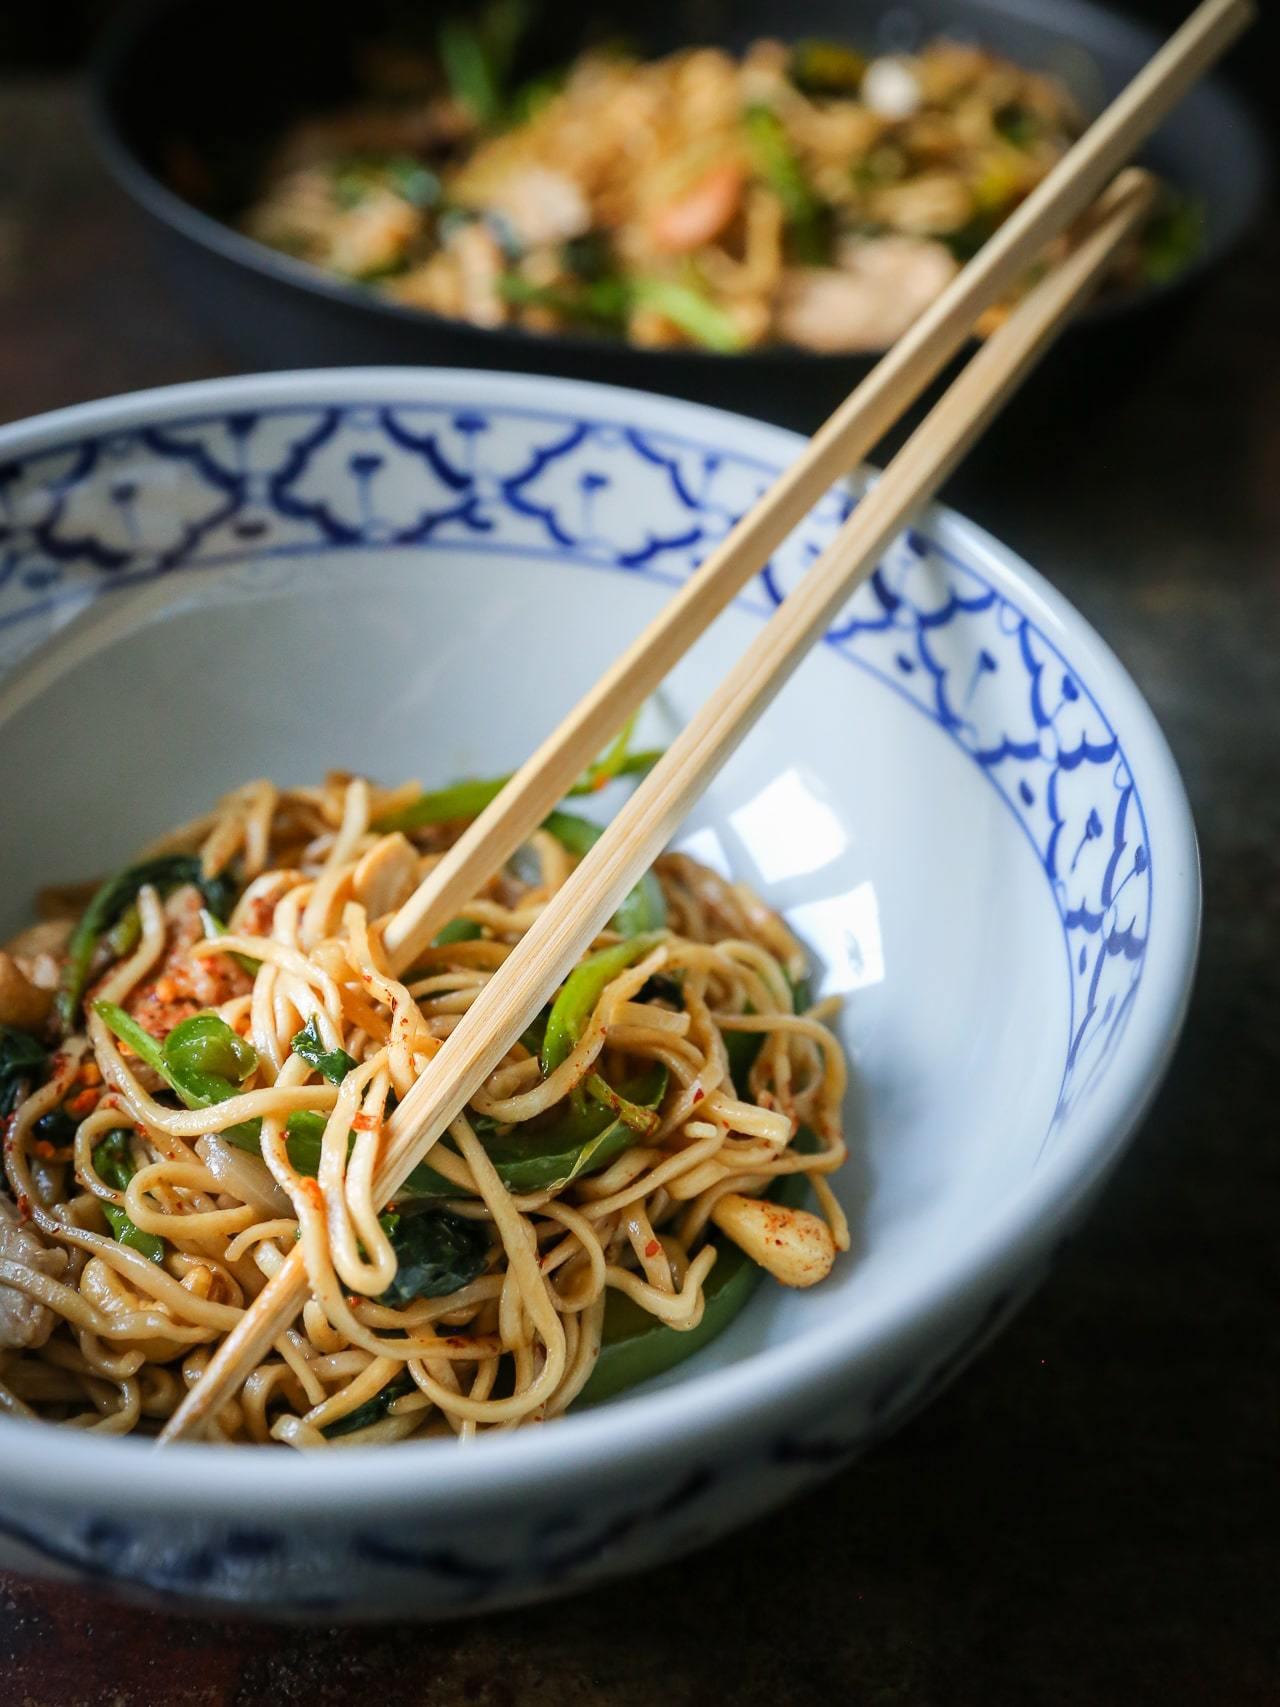 stegte nudler med svinekød, broccoli og peberfrugt - nem asiatisk mad